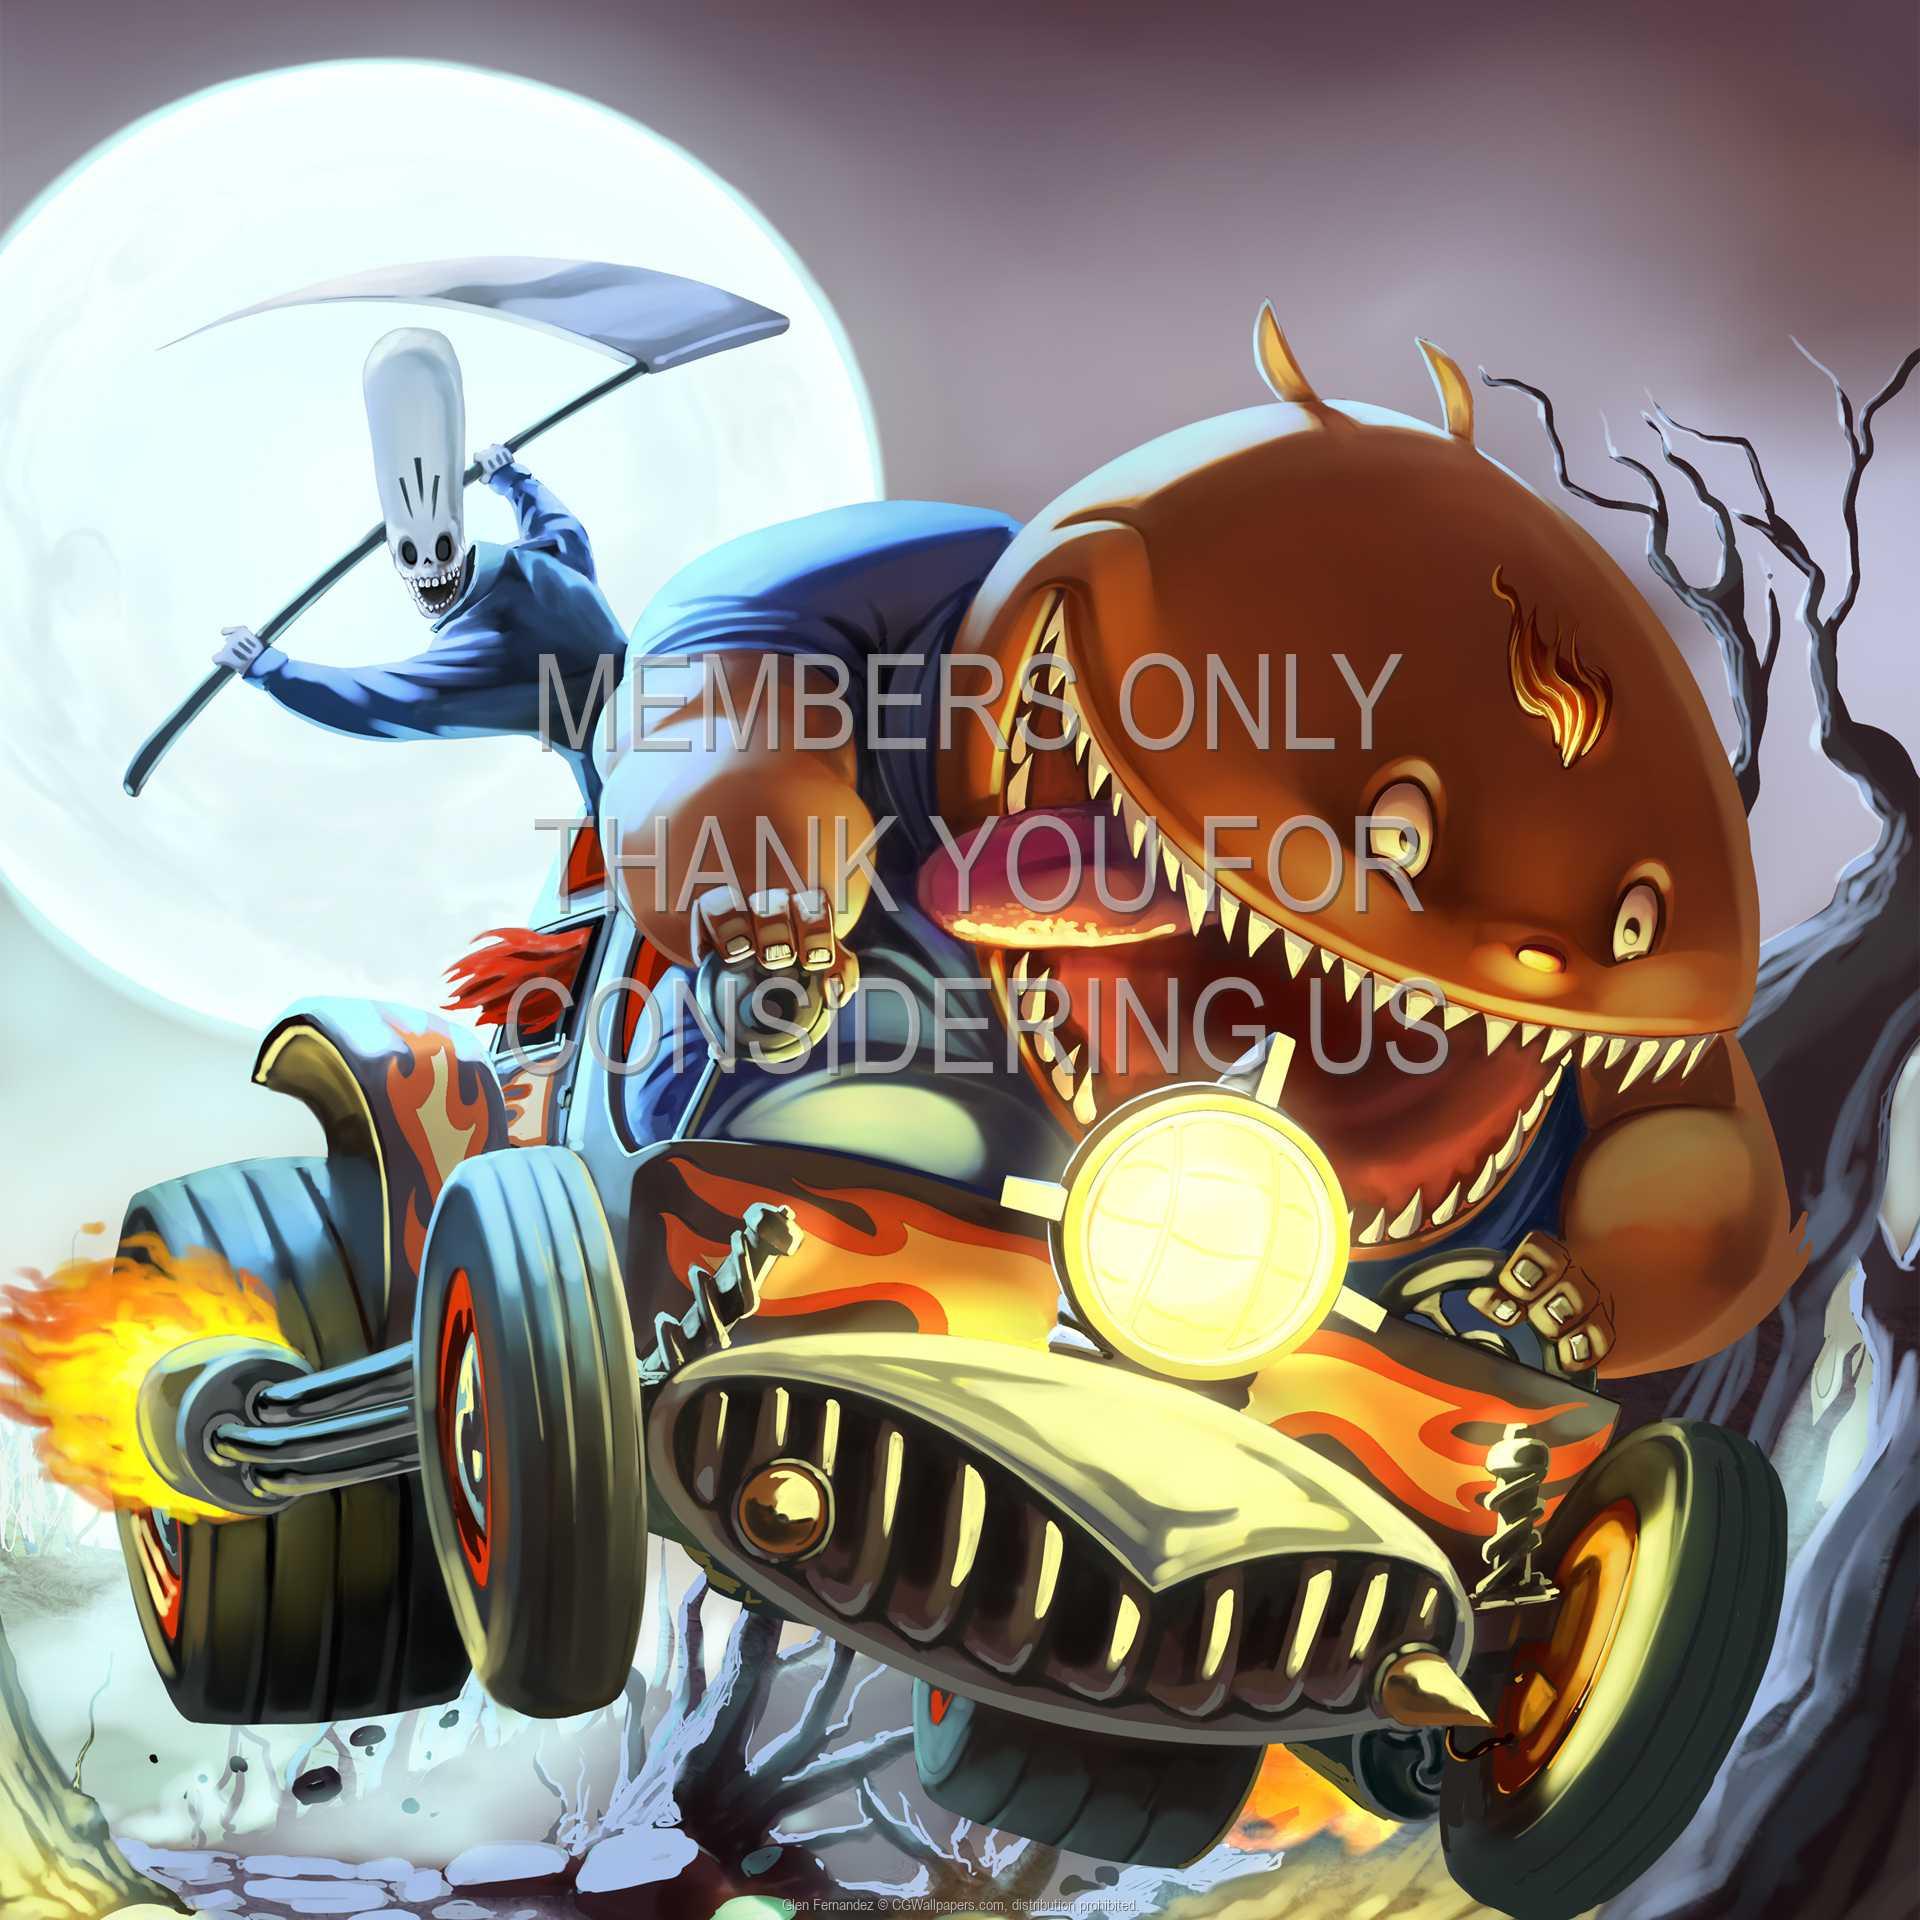 Glen Fernandez 1080p Horizontal Mobile wallpaper or background 02